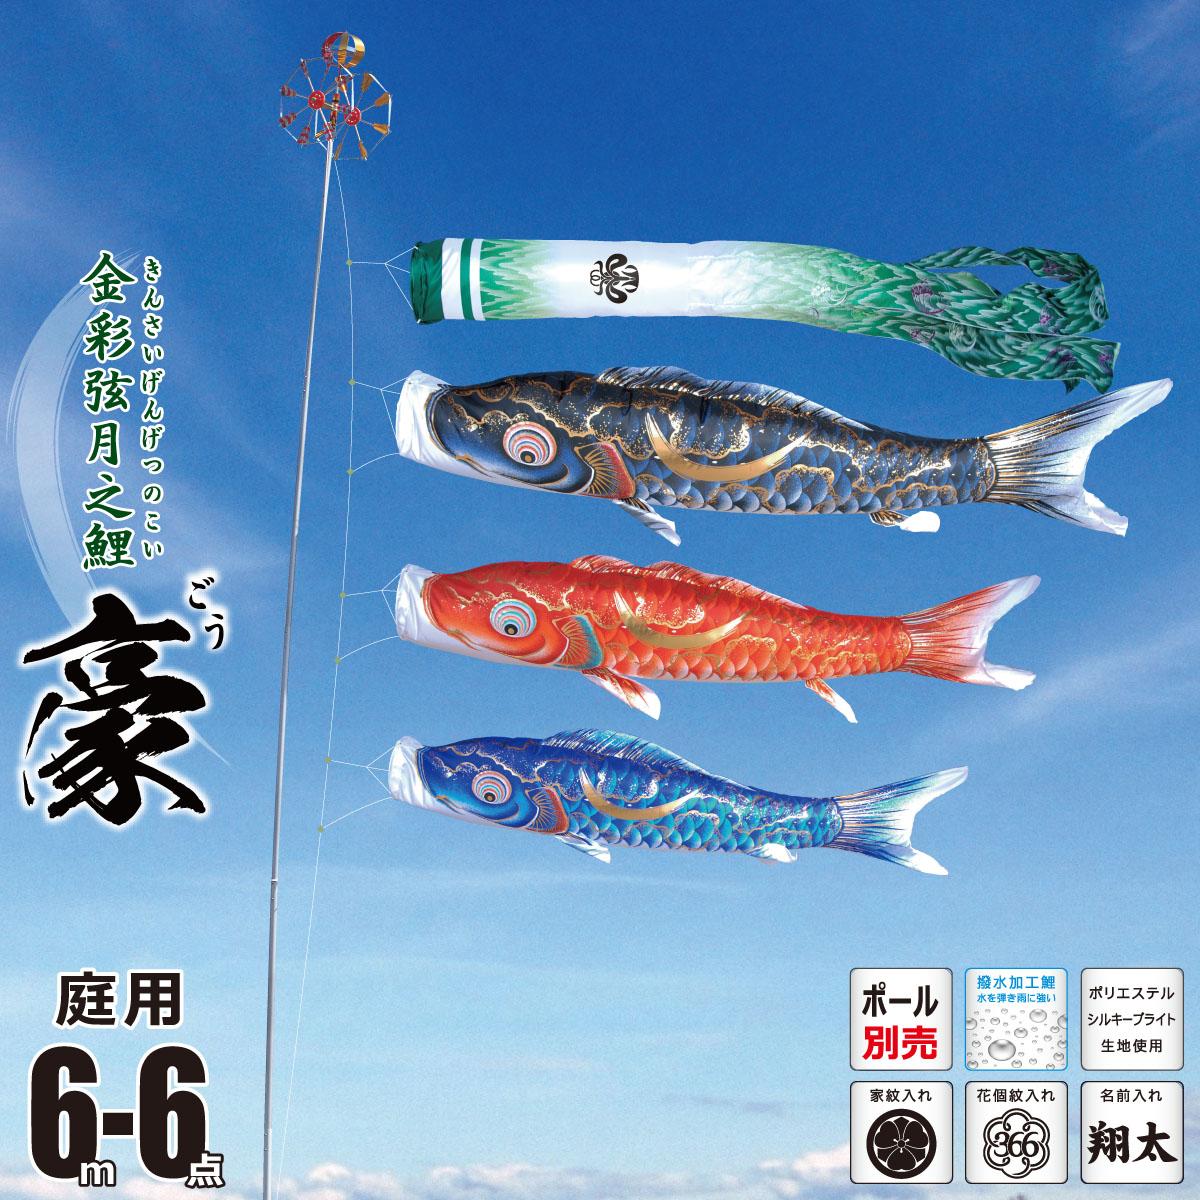 こいのぼり 6m 豪(ごう) 6点 (矢車、ロープ、吹流し、鯉3匹) 庭園用 (ポール別売り) 徳永鯉のぼり KIT-001-809